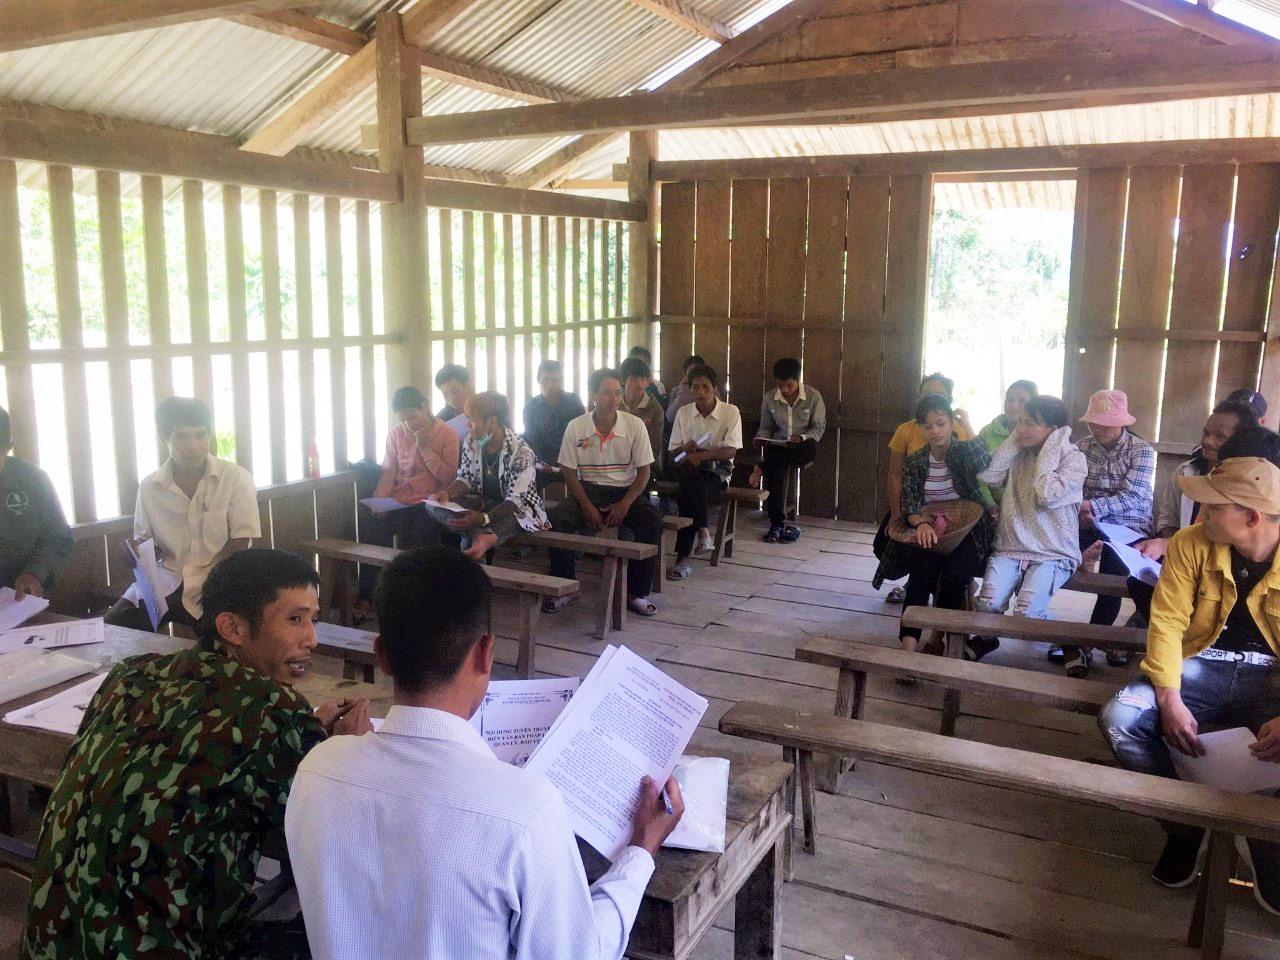 Họp dân tuyên truyền và ký cam kết bảo vệ rừng tại thôn 2, xã Trà Ka (Bắc Trà My). Ảnh: TRÀ MY